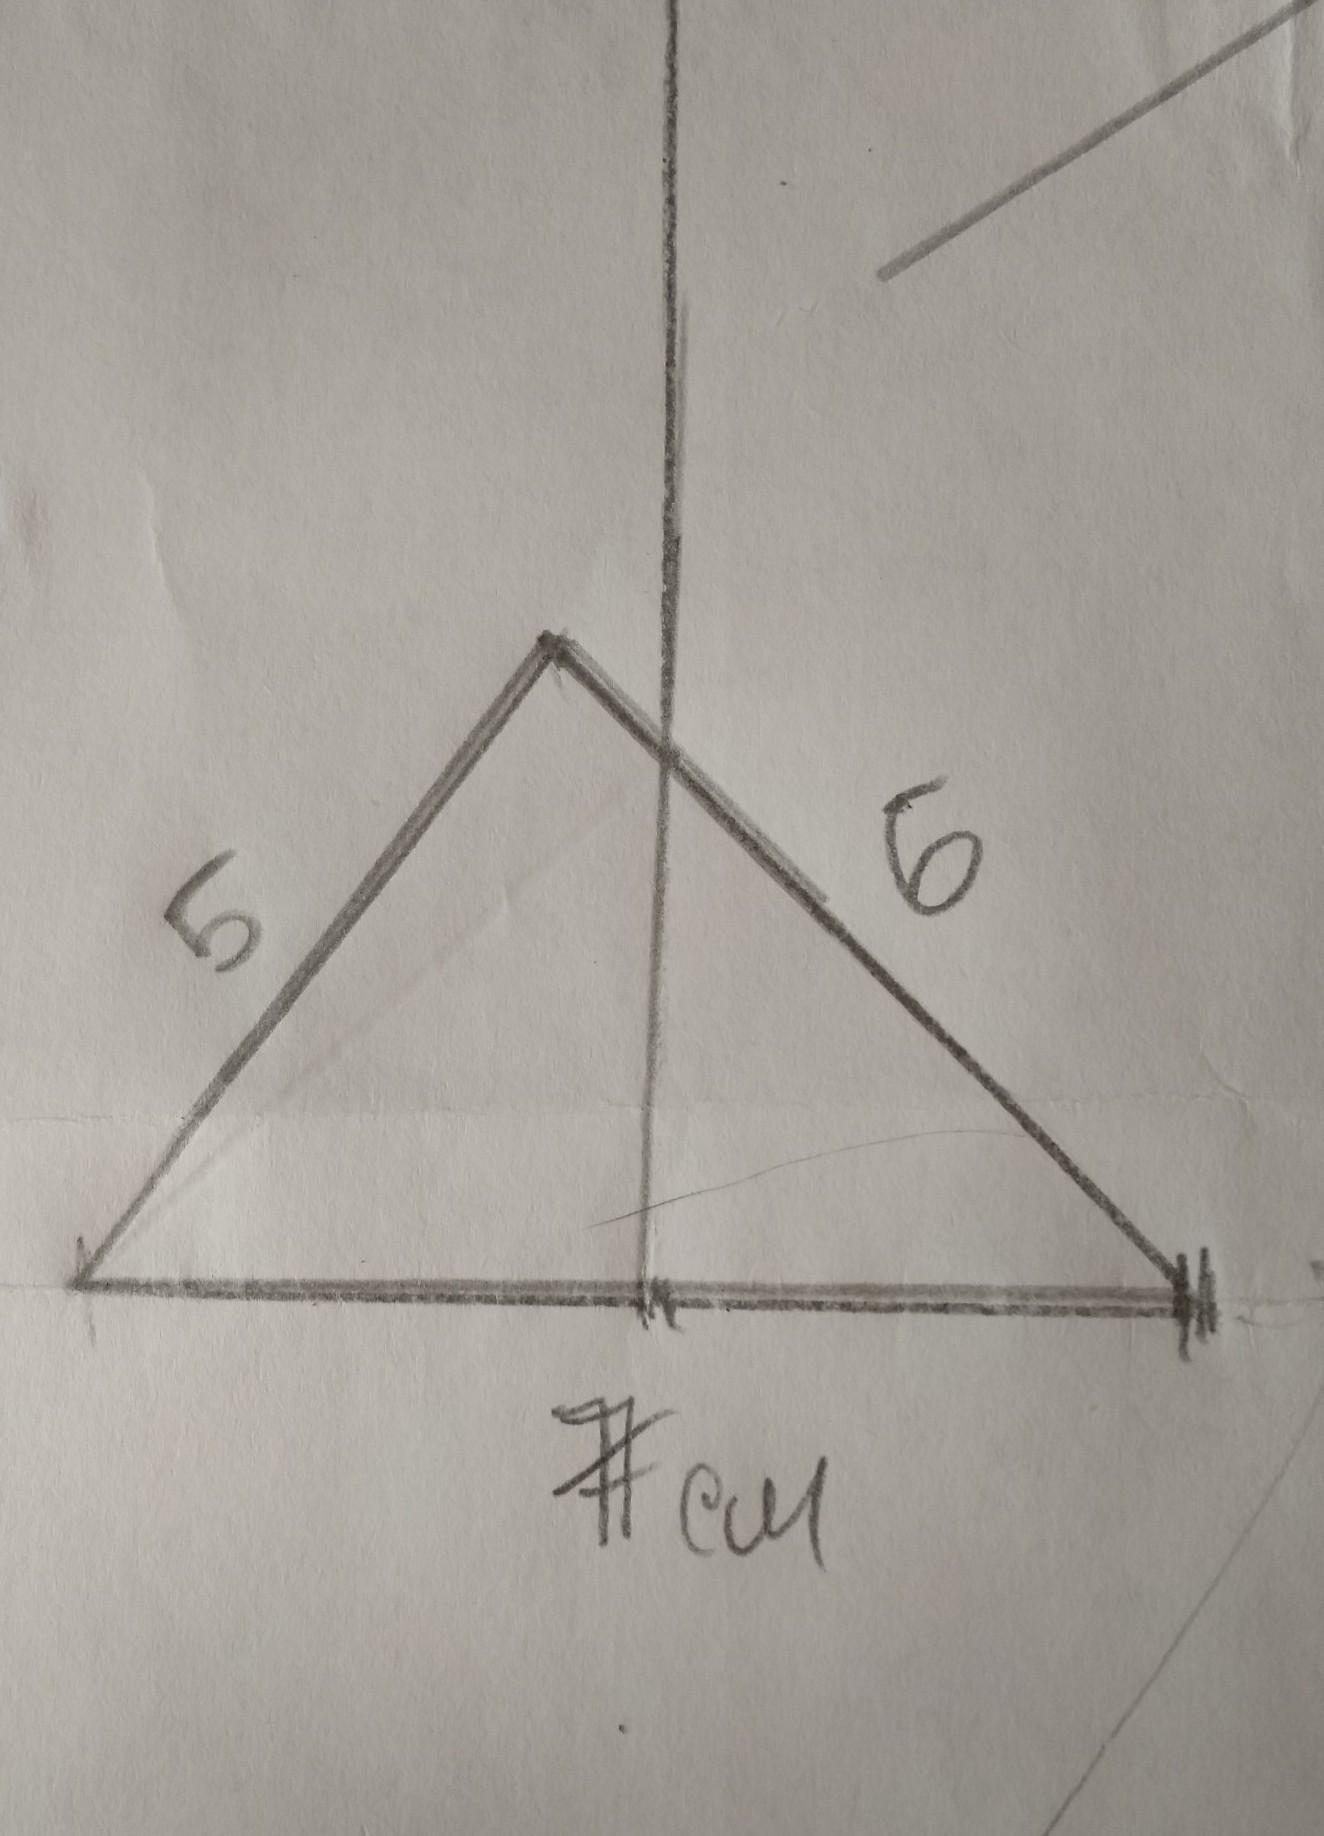 Построить треугольник по сторонами 5, 6 и 7